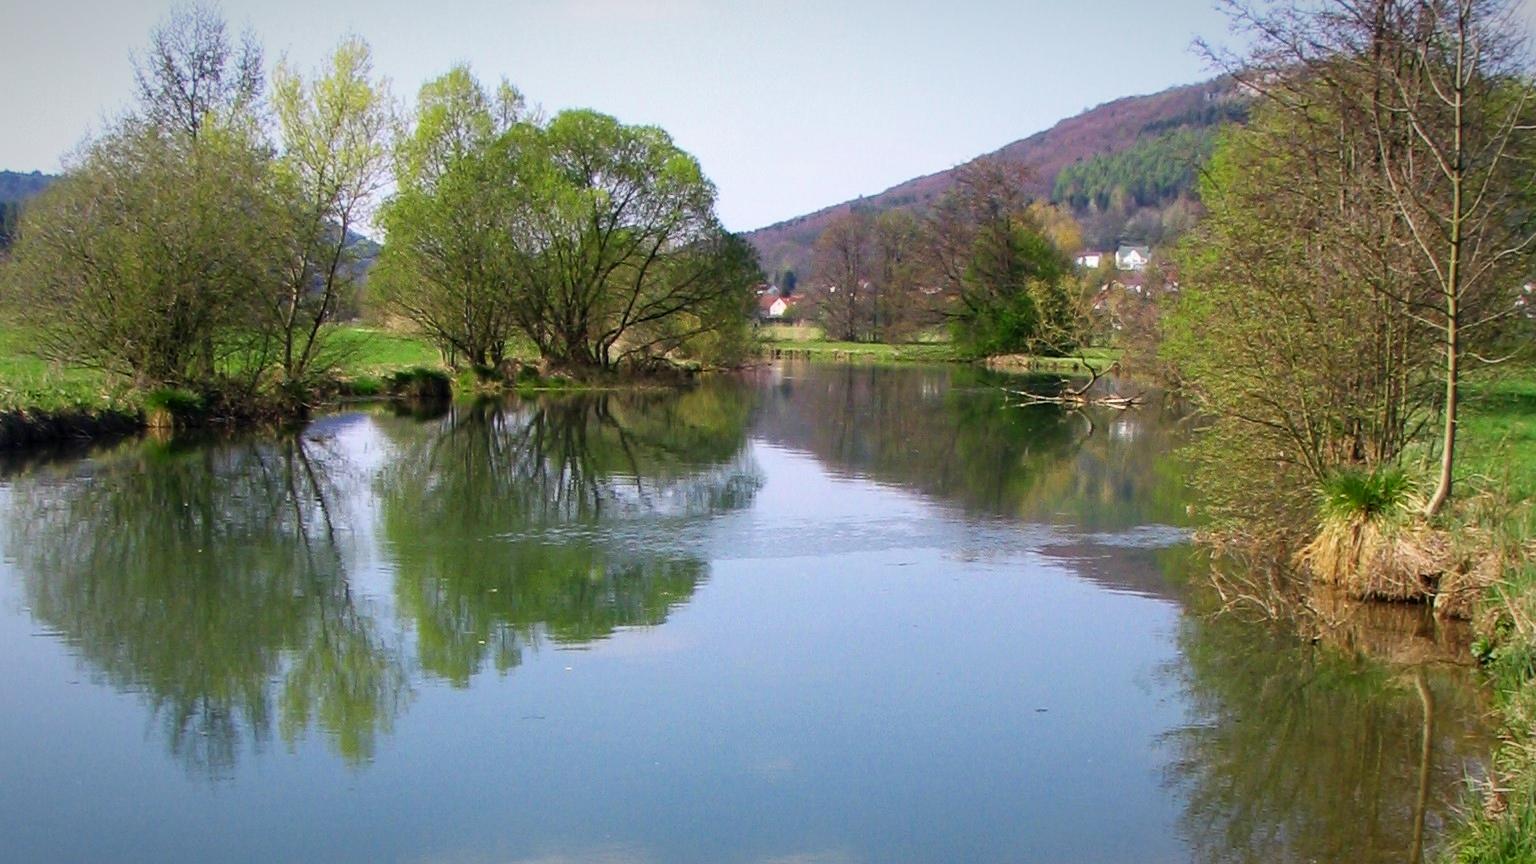 Das Fischwasser an der Wiesent in der Fränkischen Schweiz vom Landgasthof Bieger - Ebermannstadt, OT Rothenbühl.